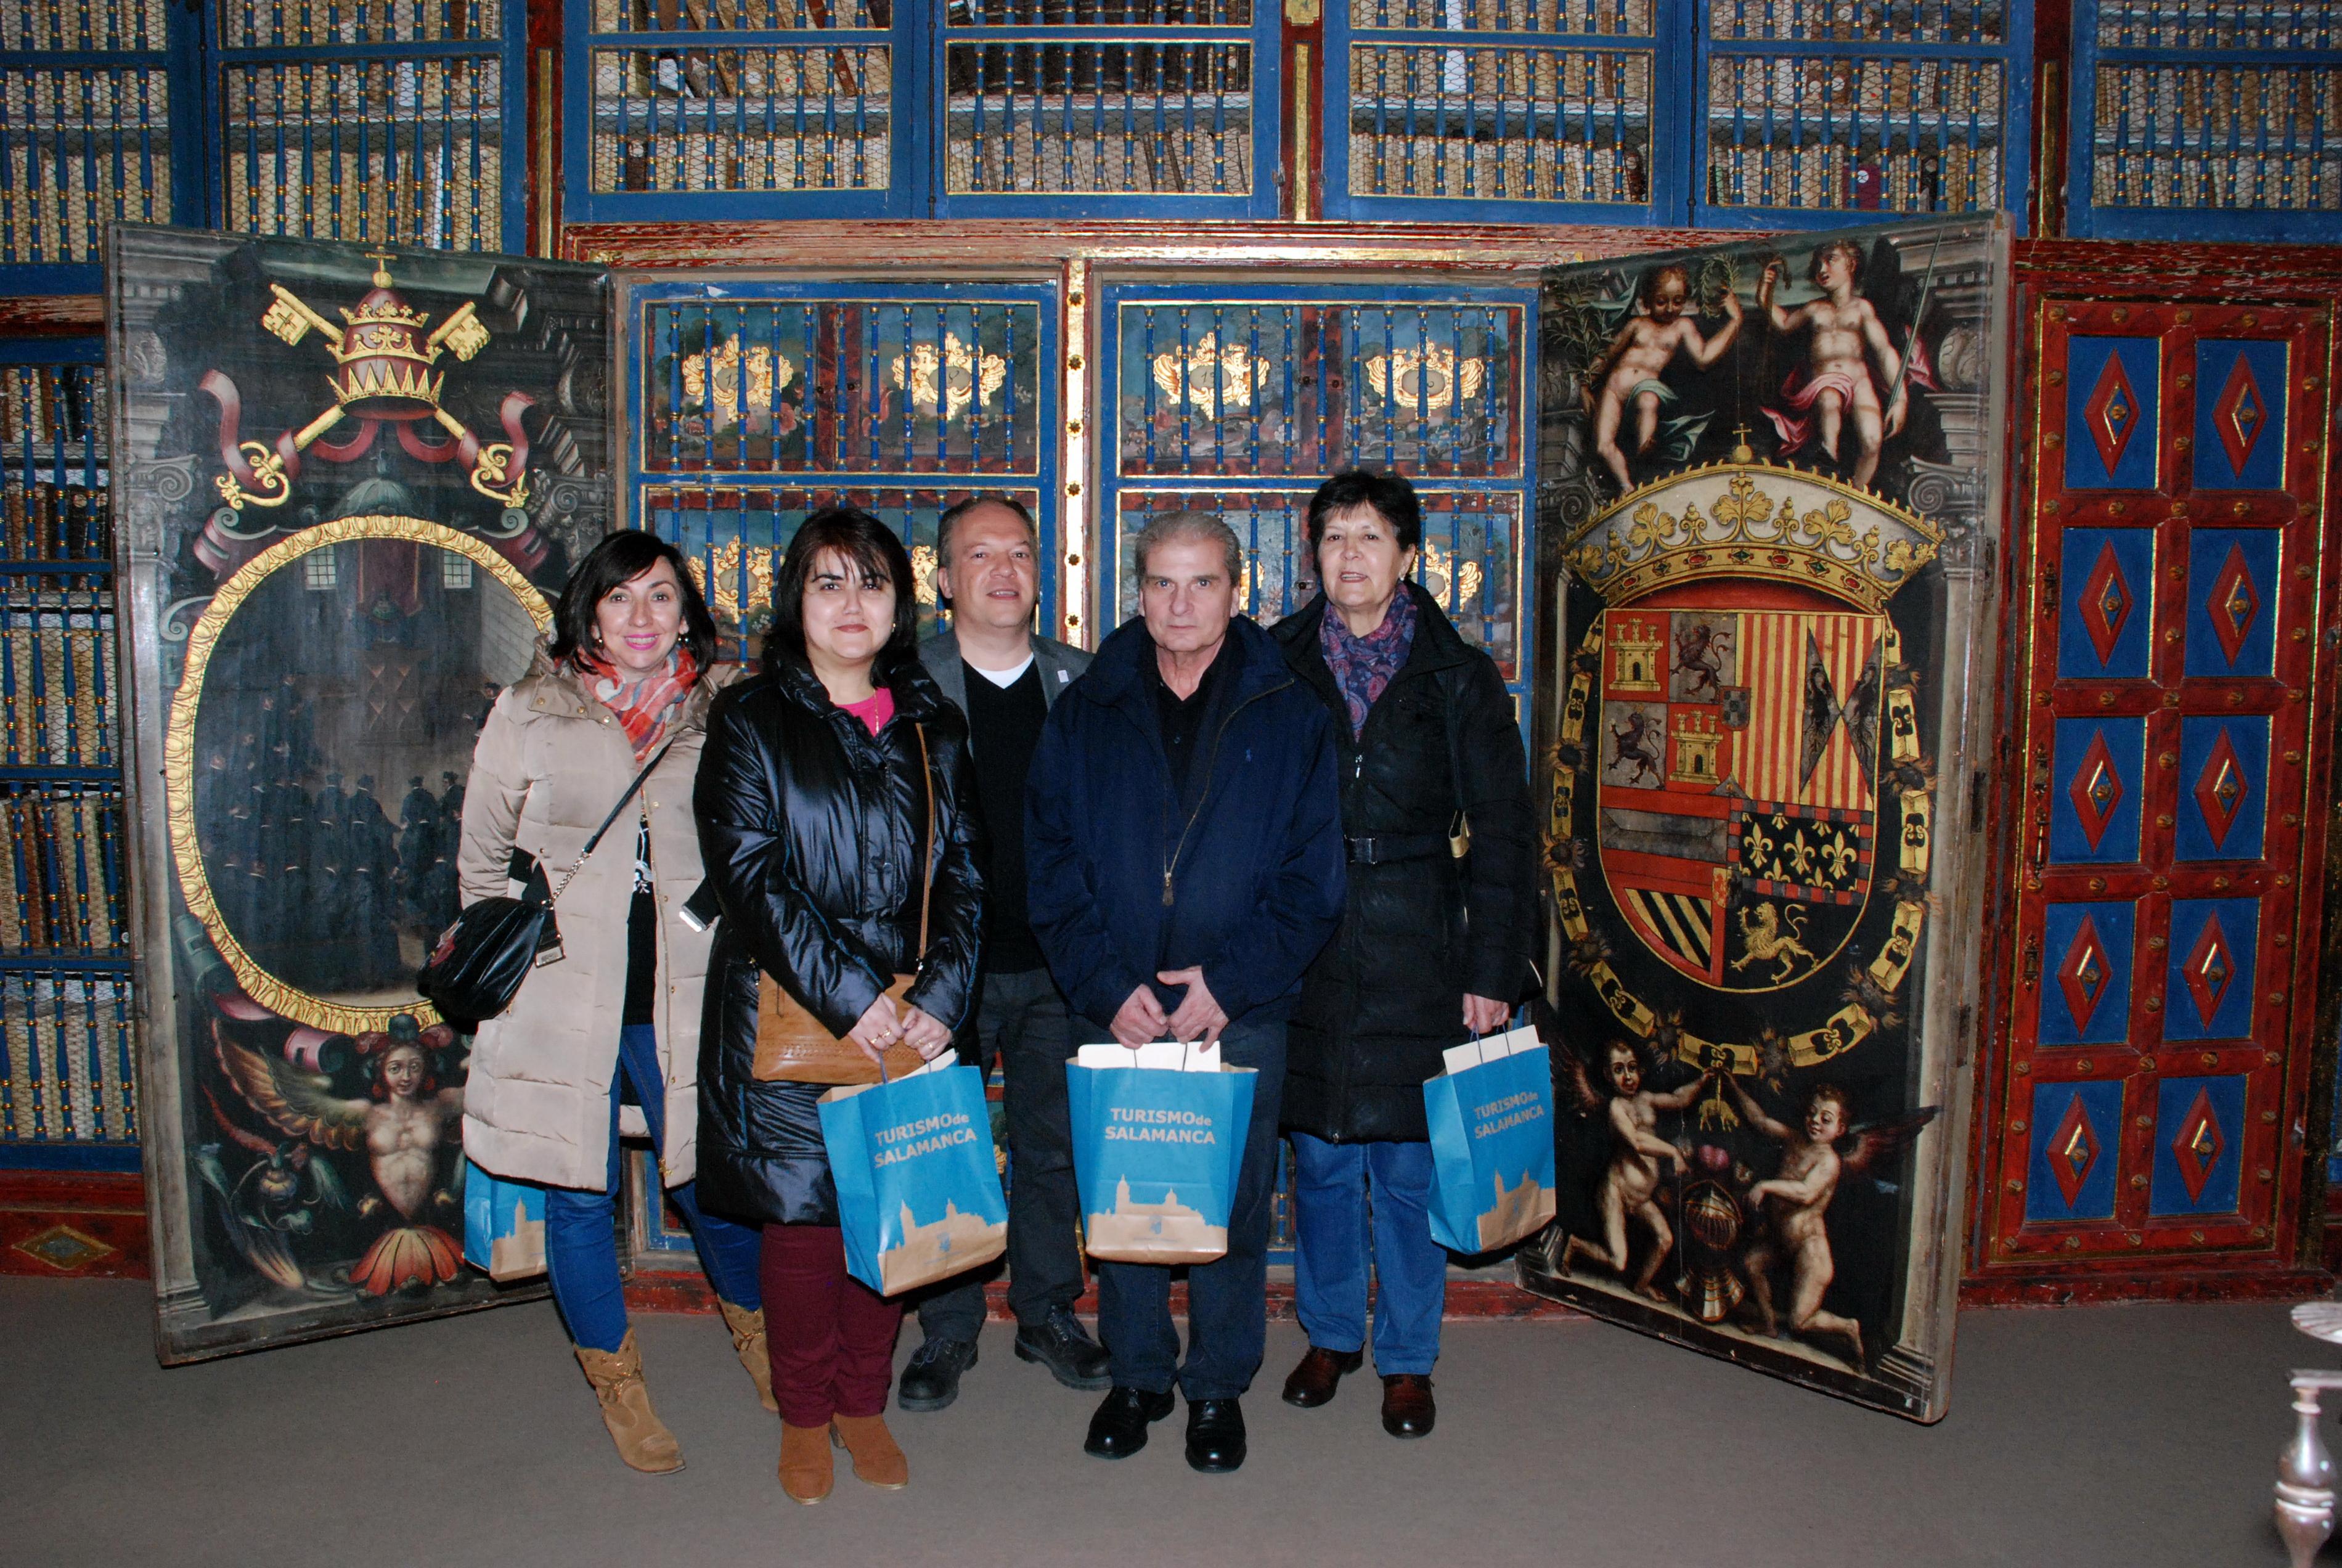 La Sala de Manuscritos de la Biblioteca Histórica abre sus puertas a los ganadores de 'Las Llaves de la Ciudad'